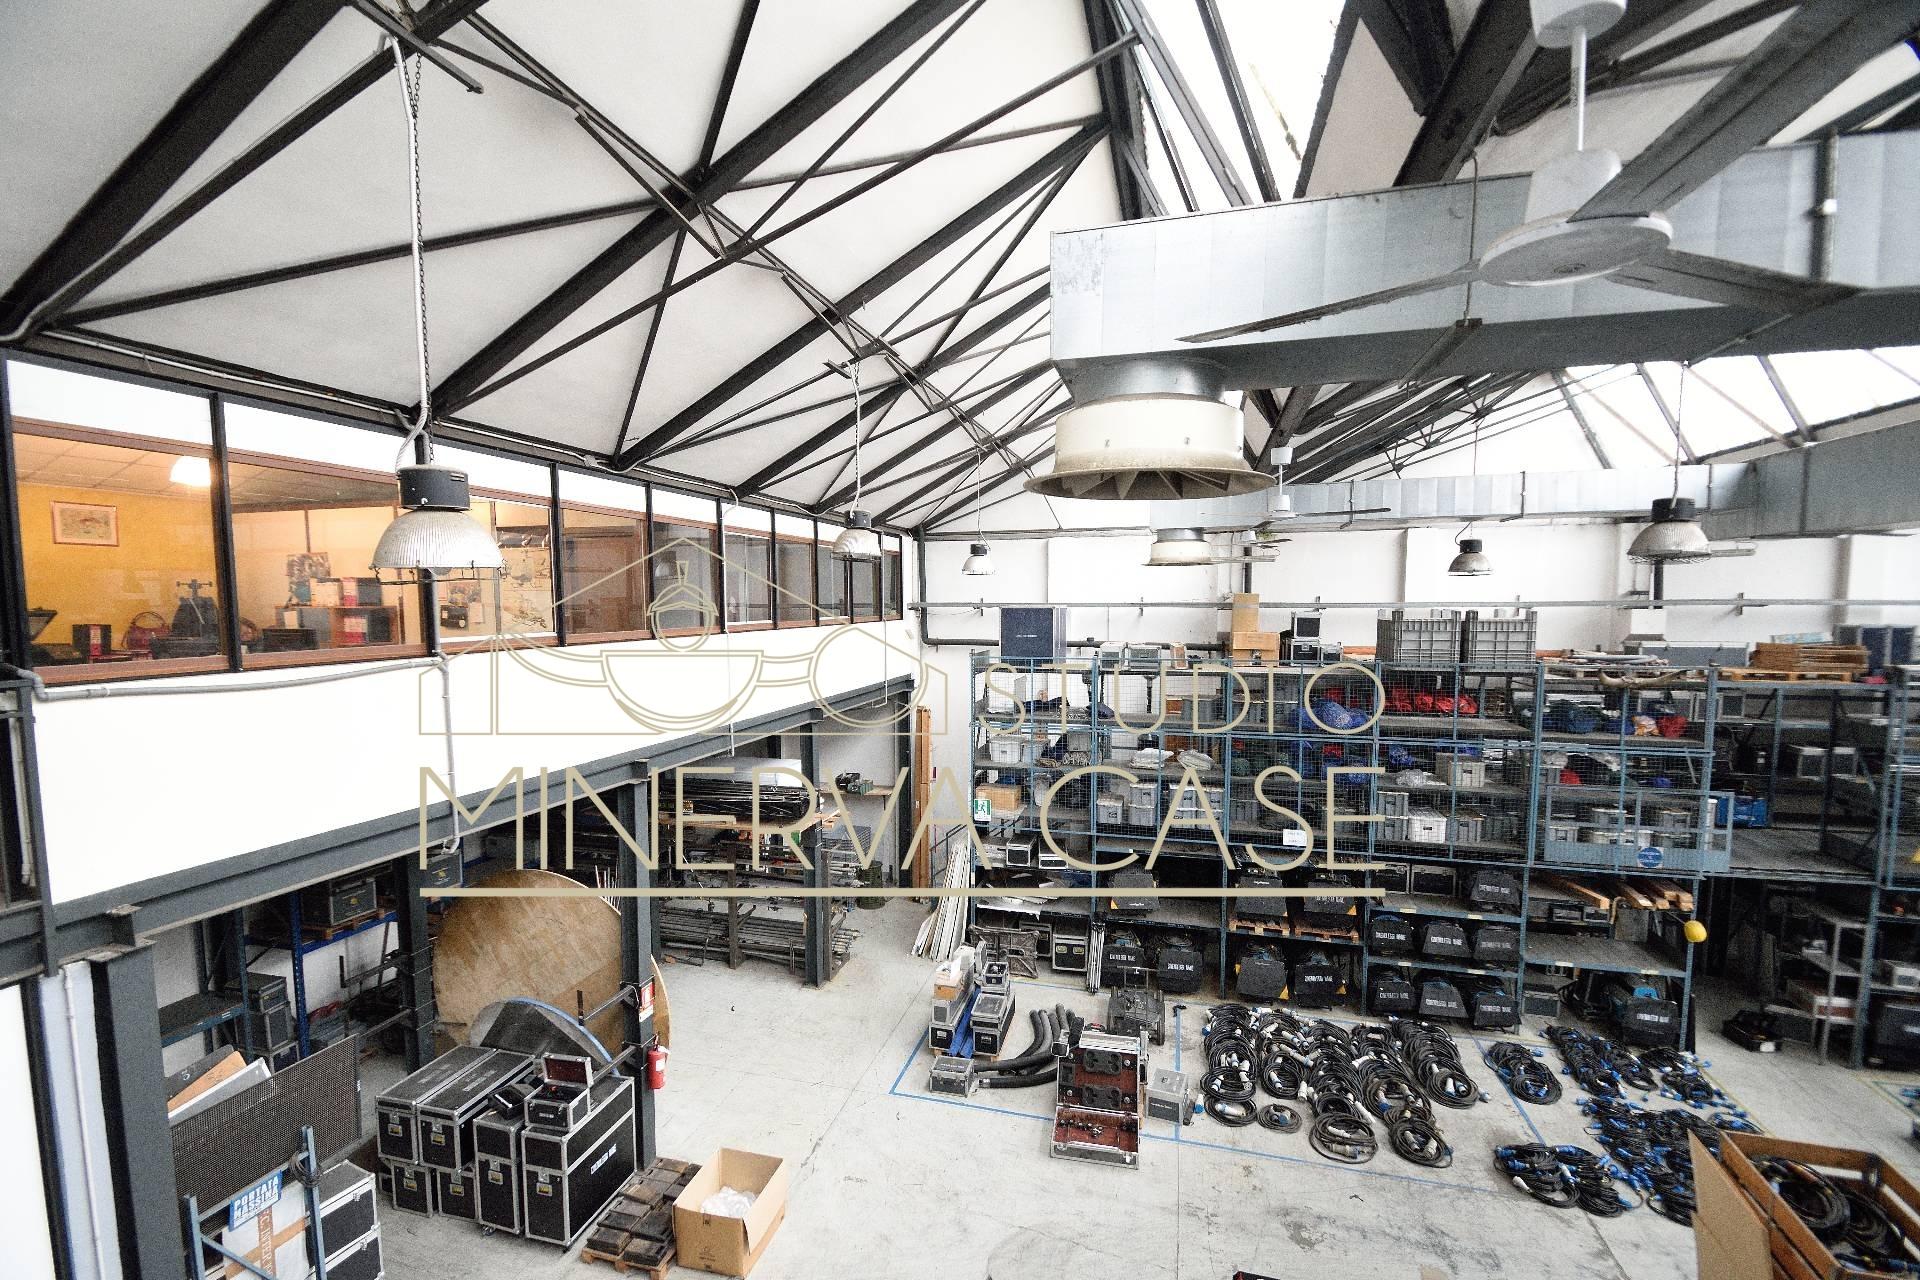 Capannone in vendita a sesto san giovanni studio minerva for Capannone di 300 metri quadrati